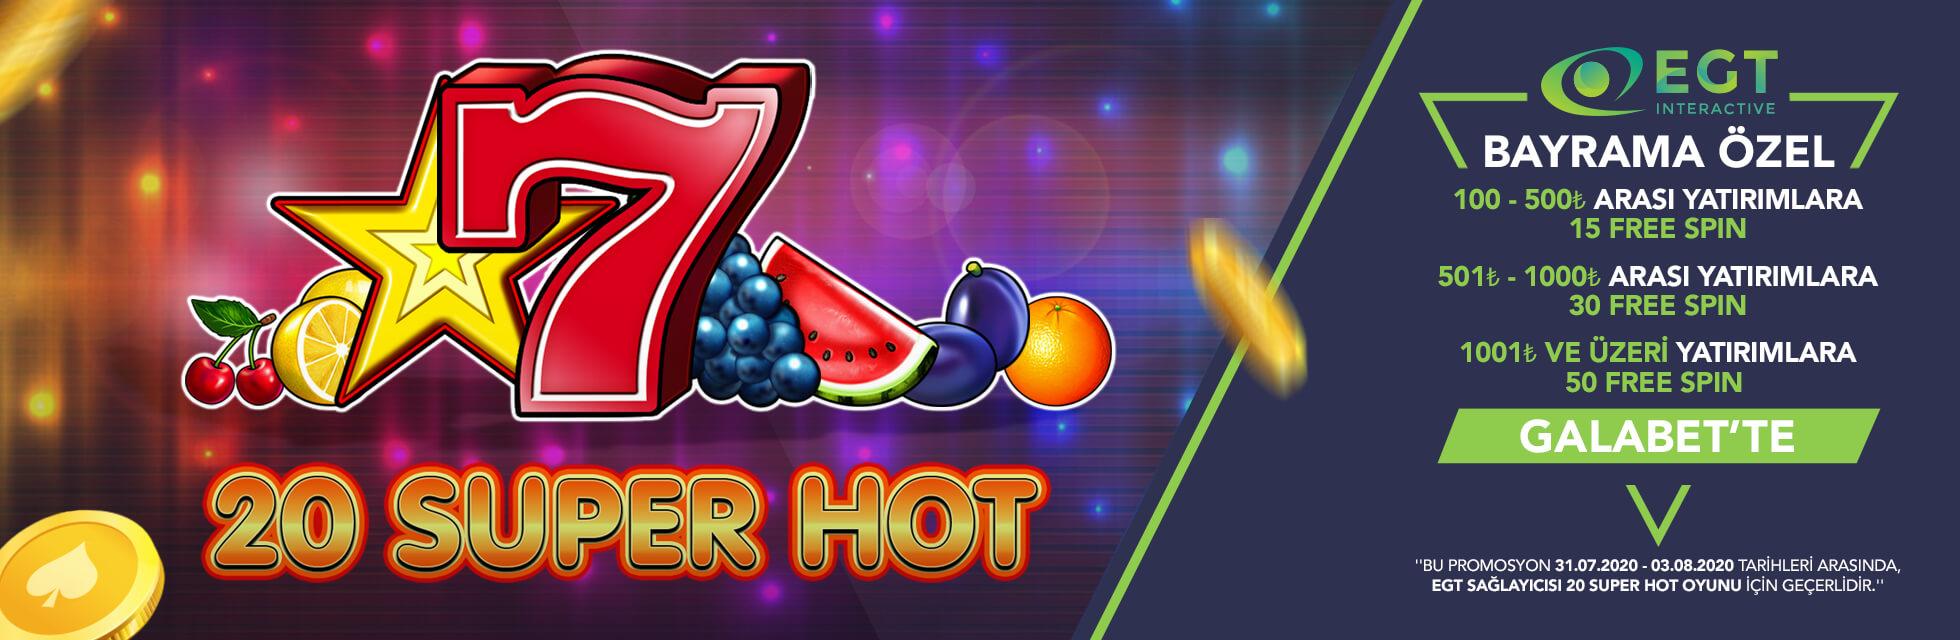 GB_bayrama-ozel-casino-slider